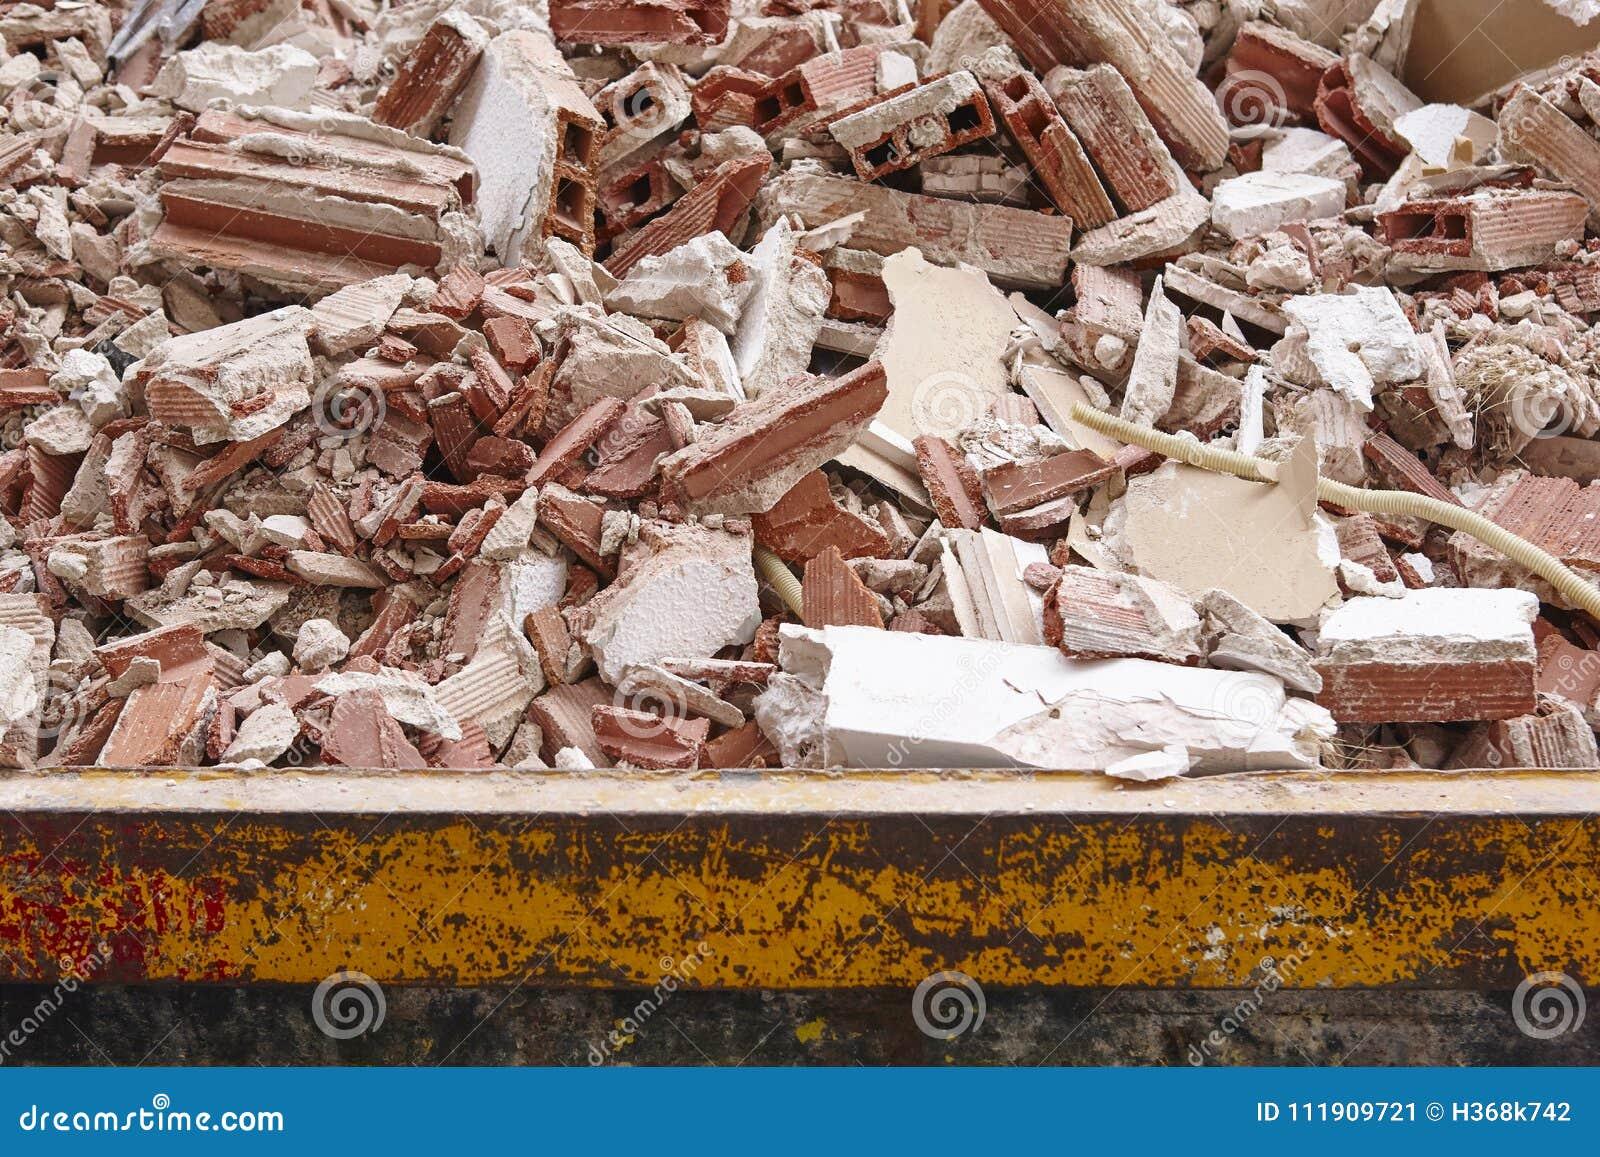 Retrait des débris Déchets de construction Démolition de bâtiment deva